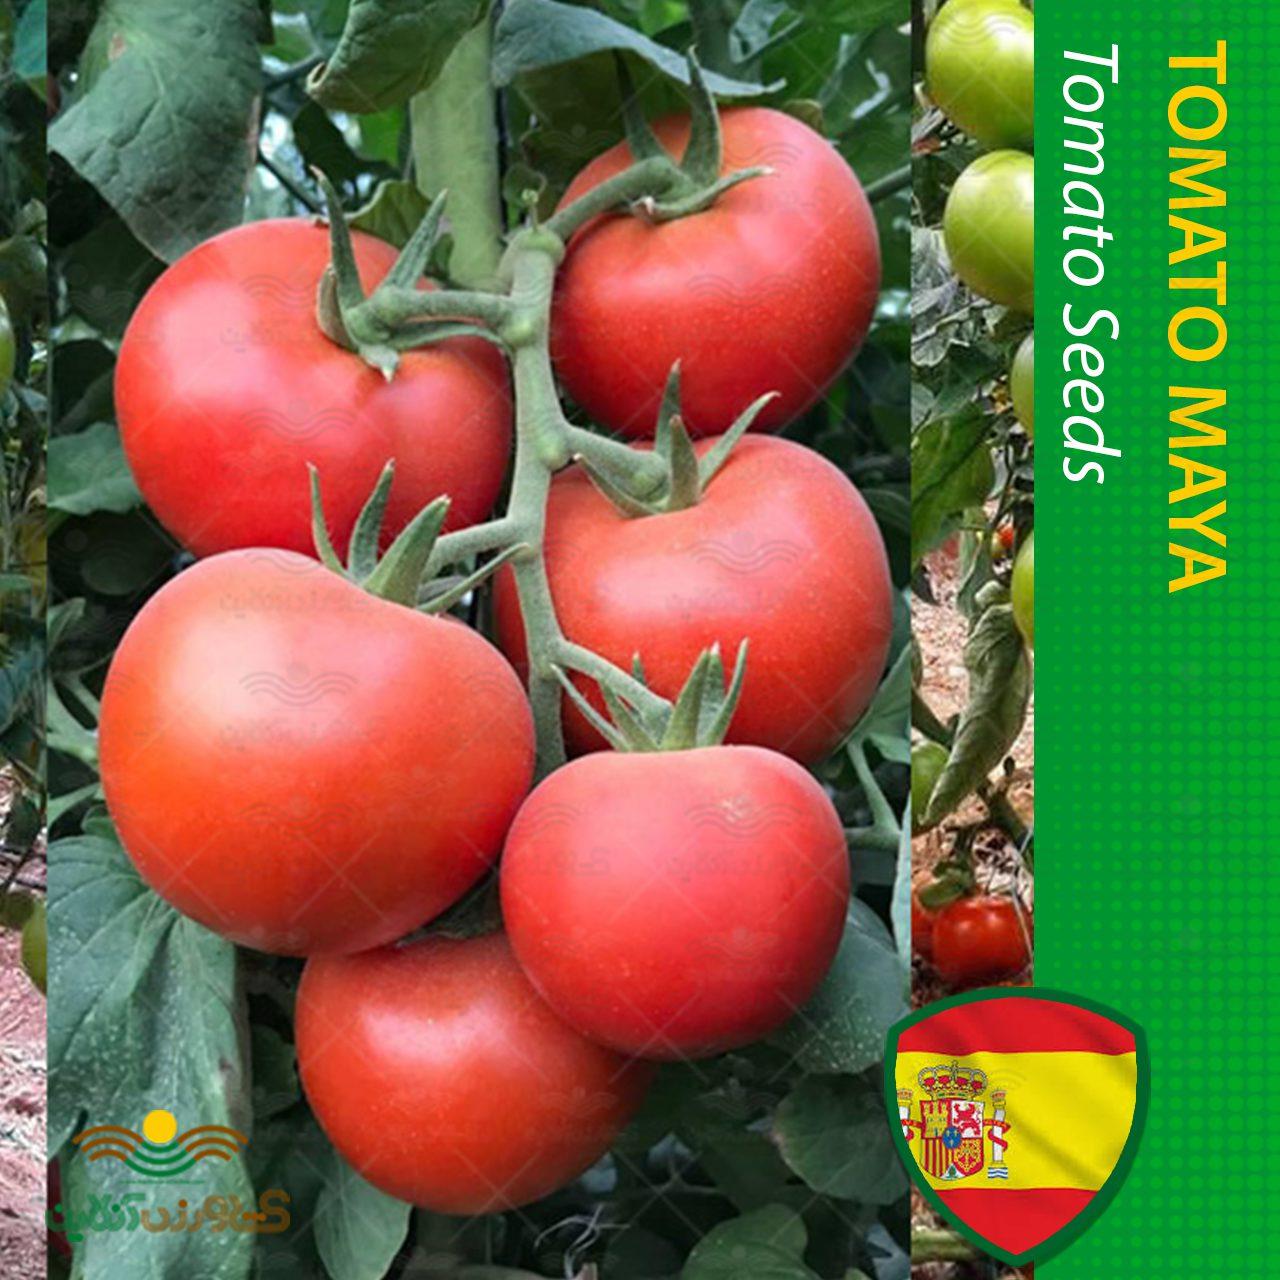 بذر گوجه پربار درختی مایا اسپانیایی خانگی